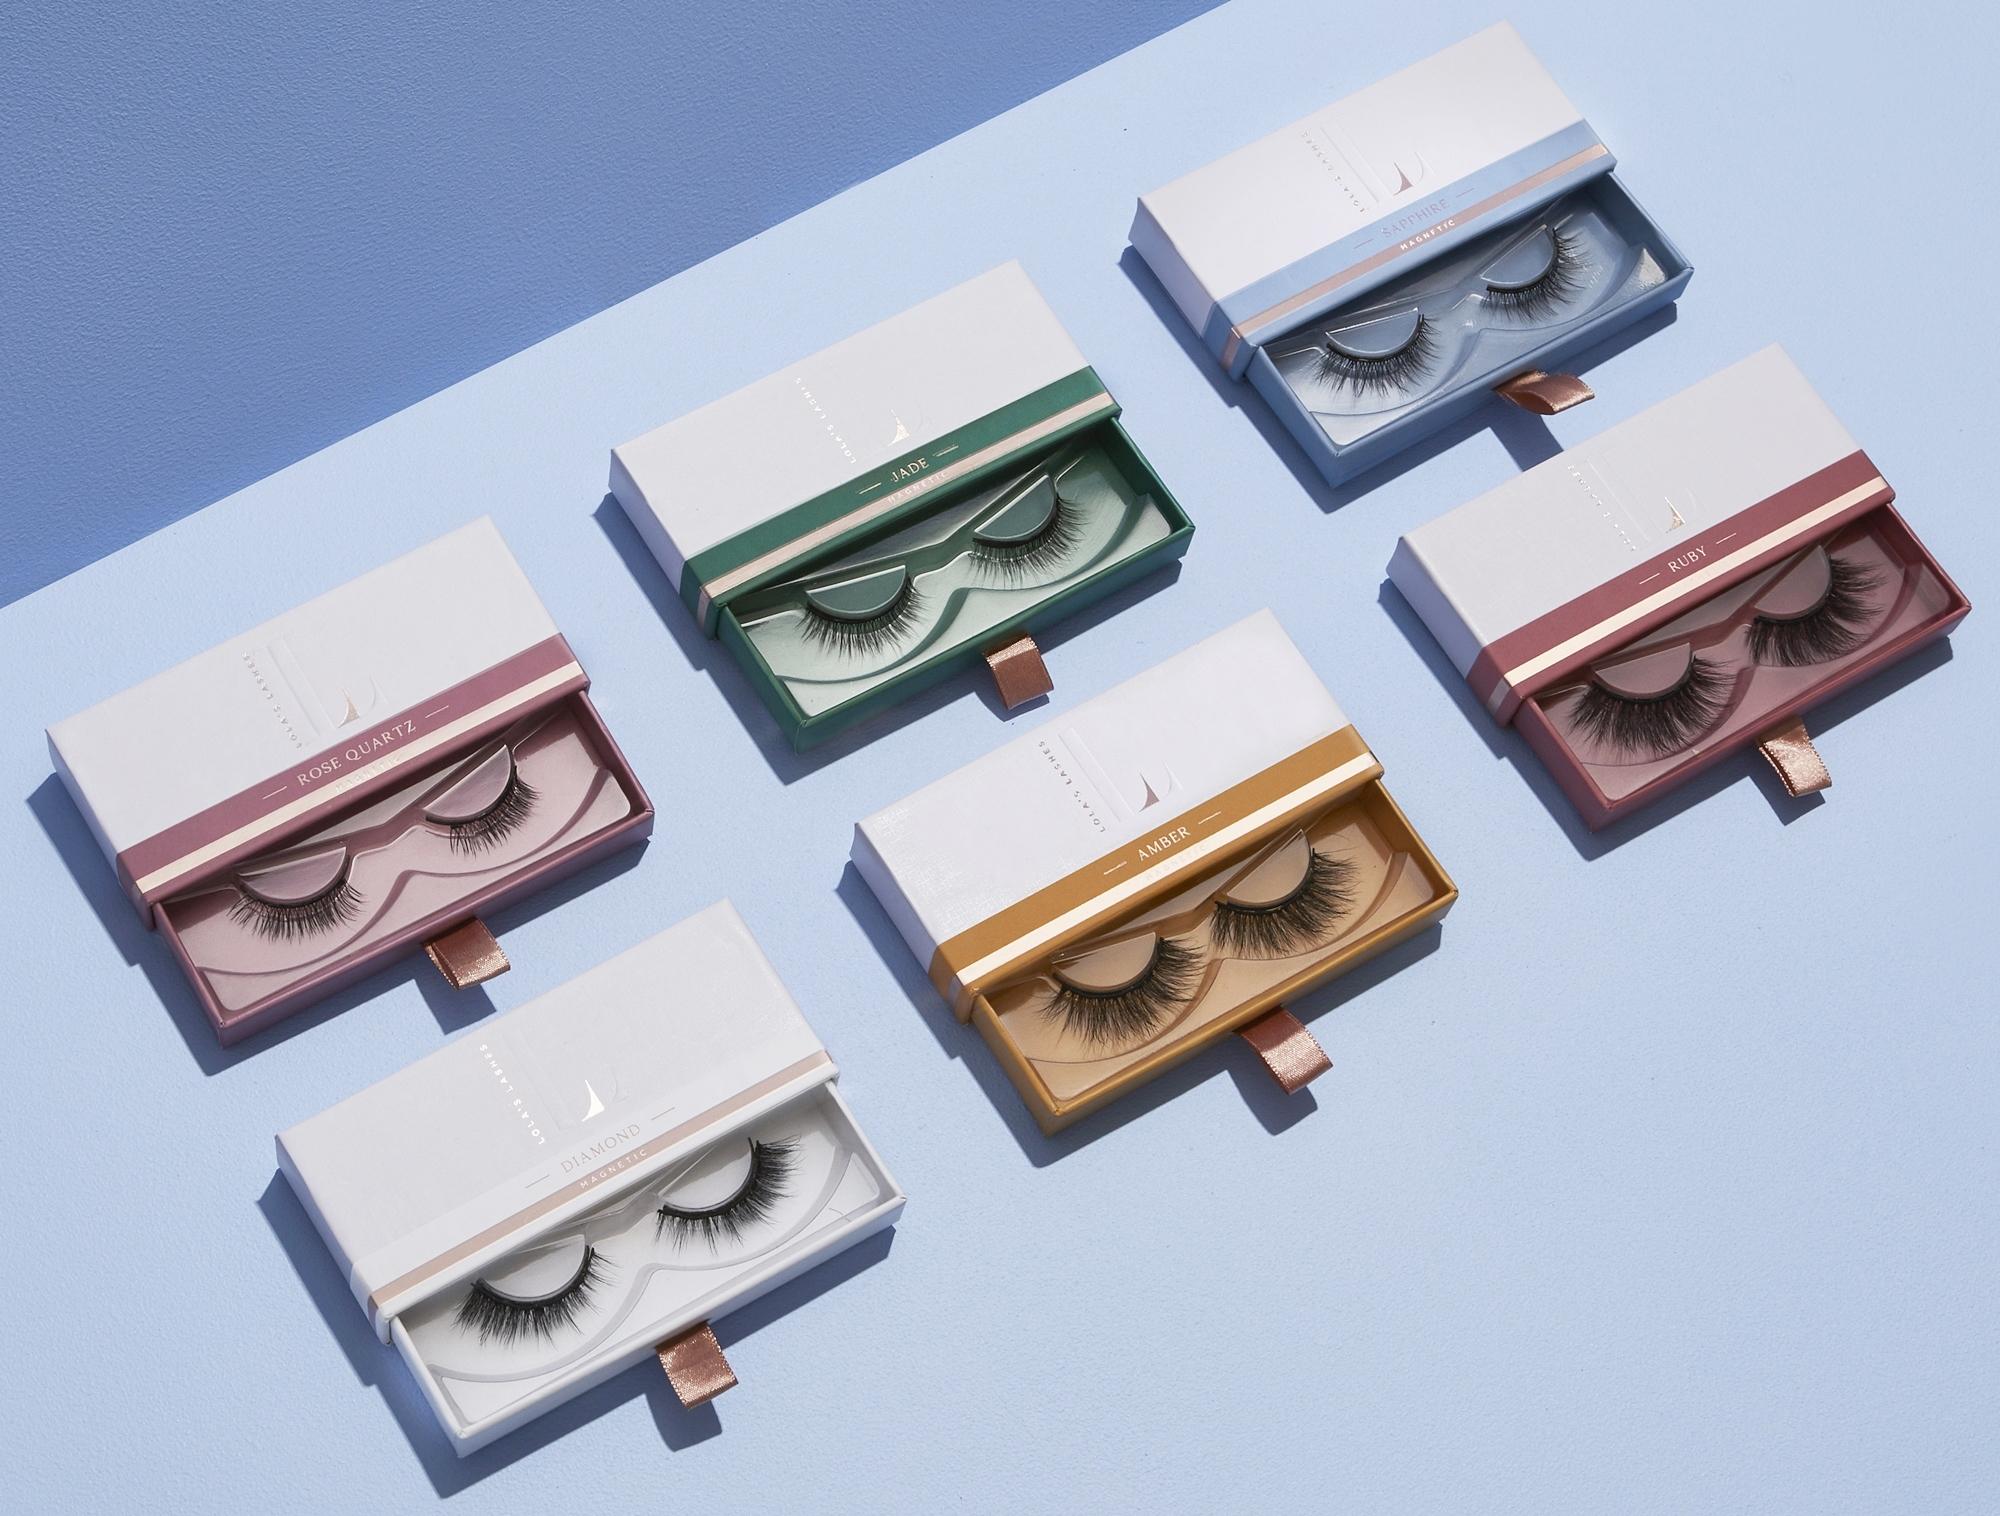 Lola's Lashes: The Magnetic Eyelashes Shaking Up the Beauty Industry